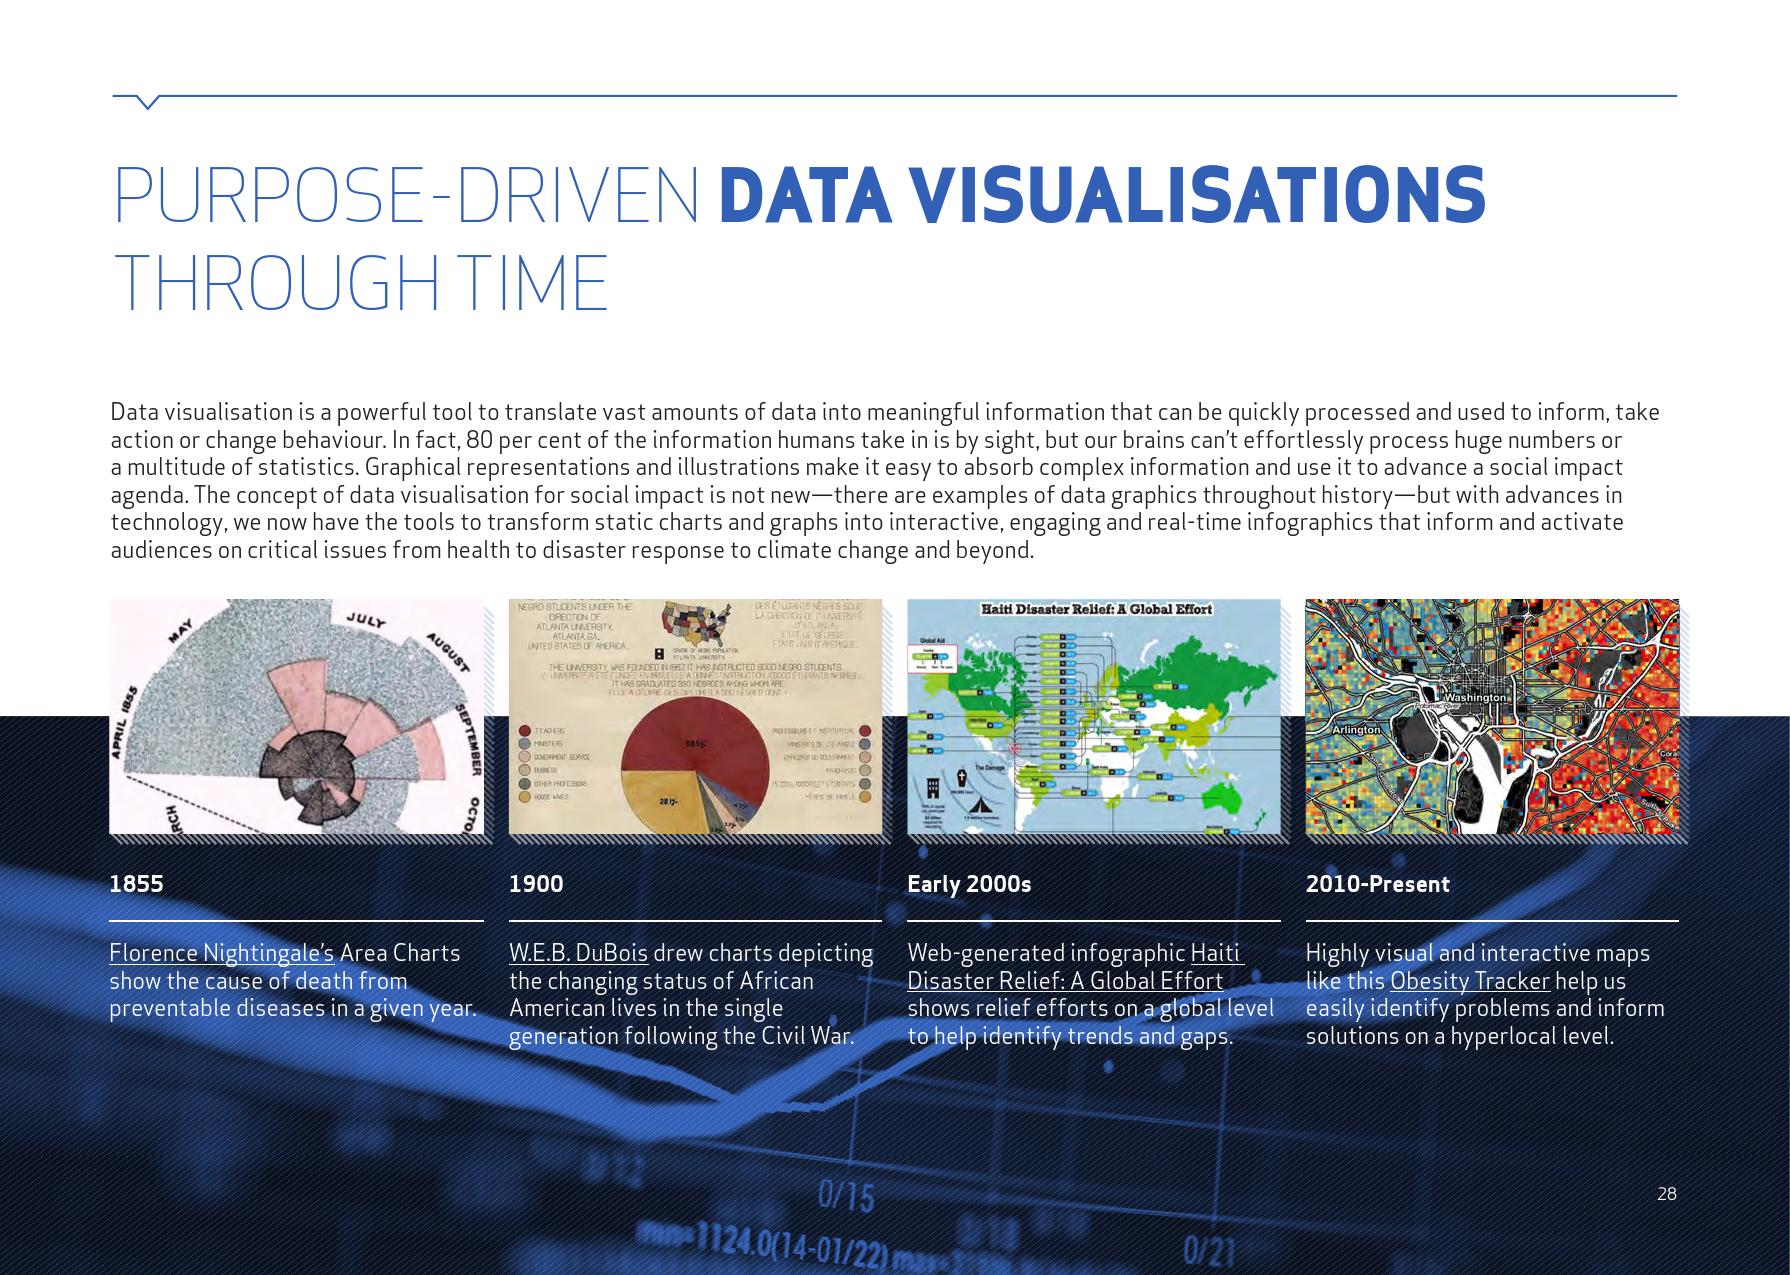 创新趋势报告:目标驱动的数据_000028